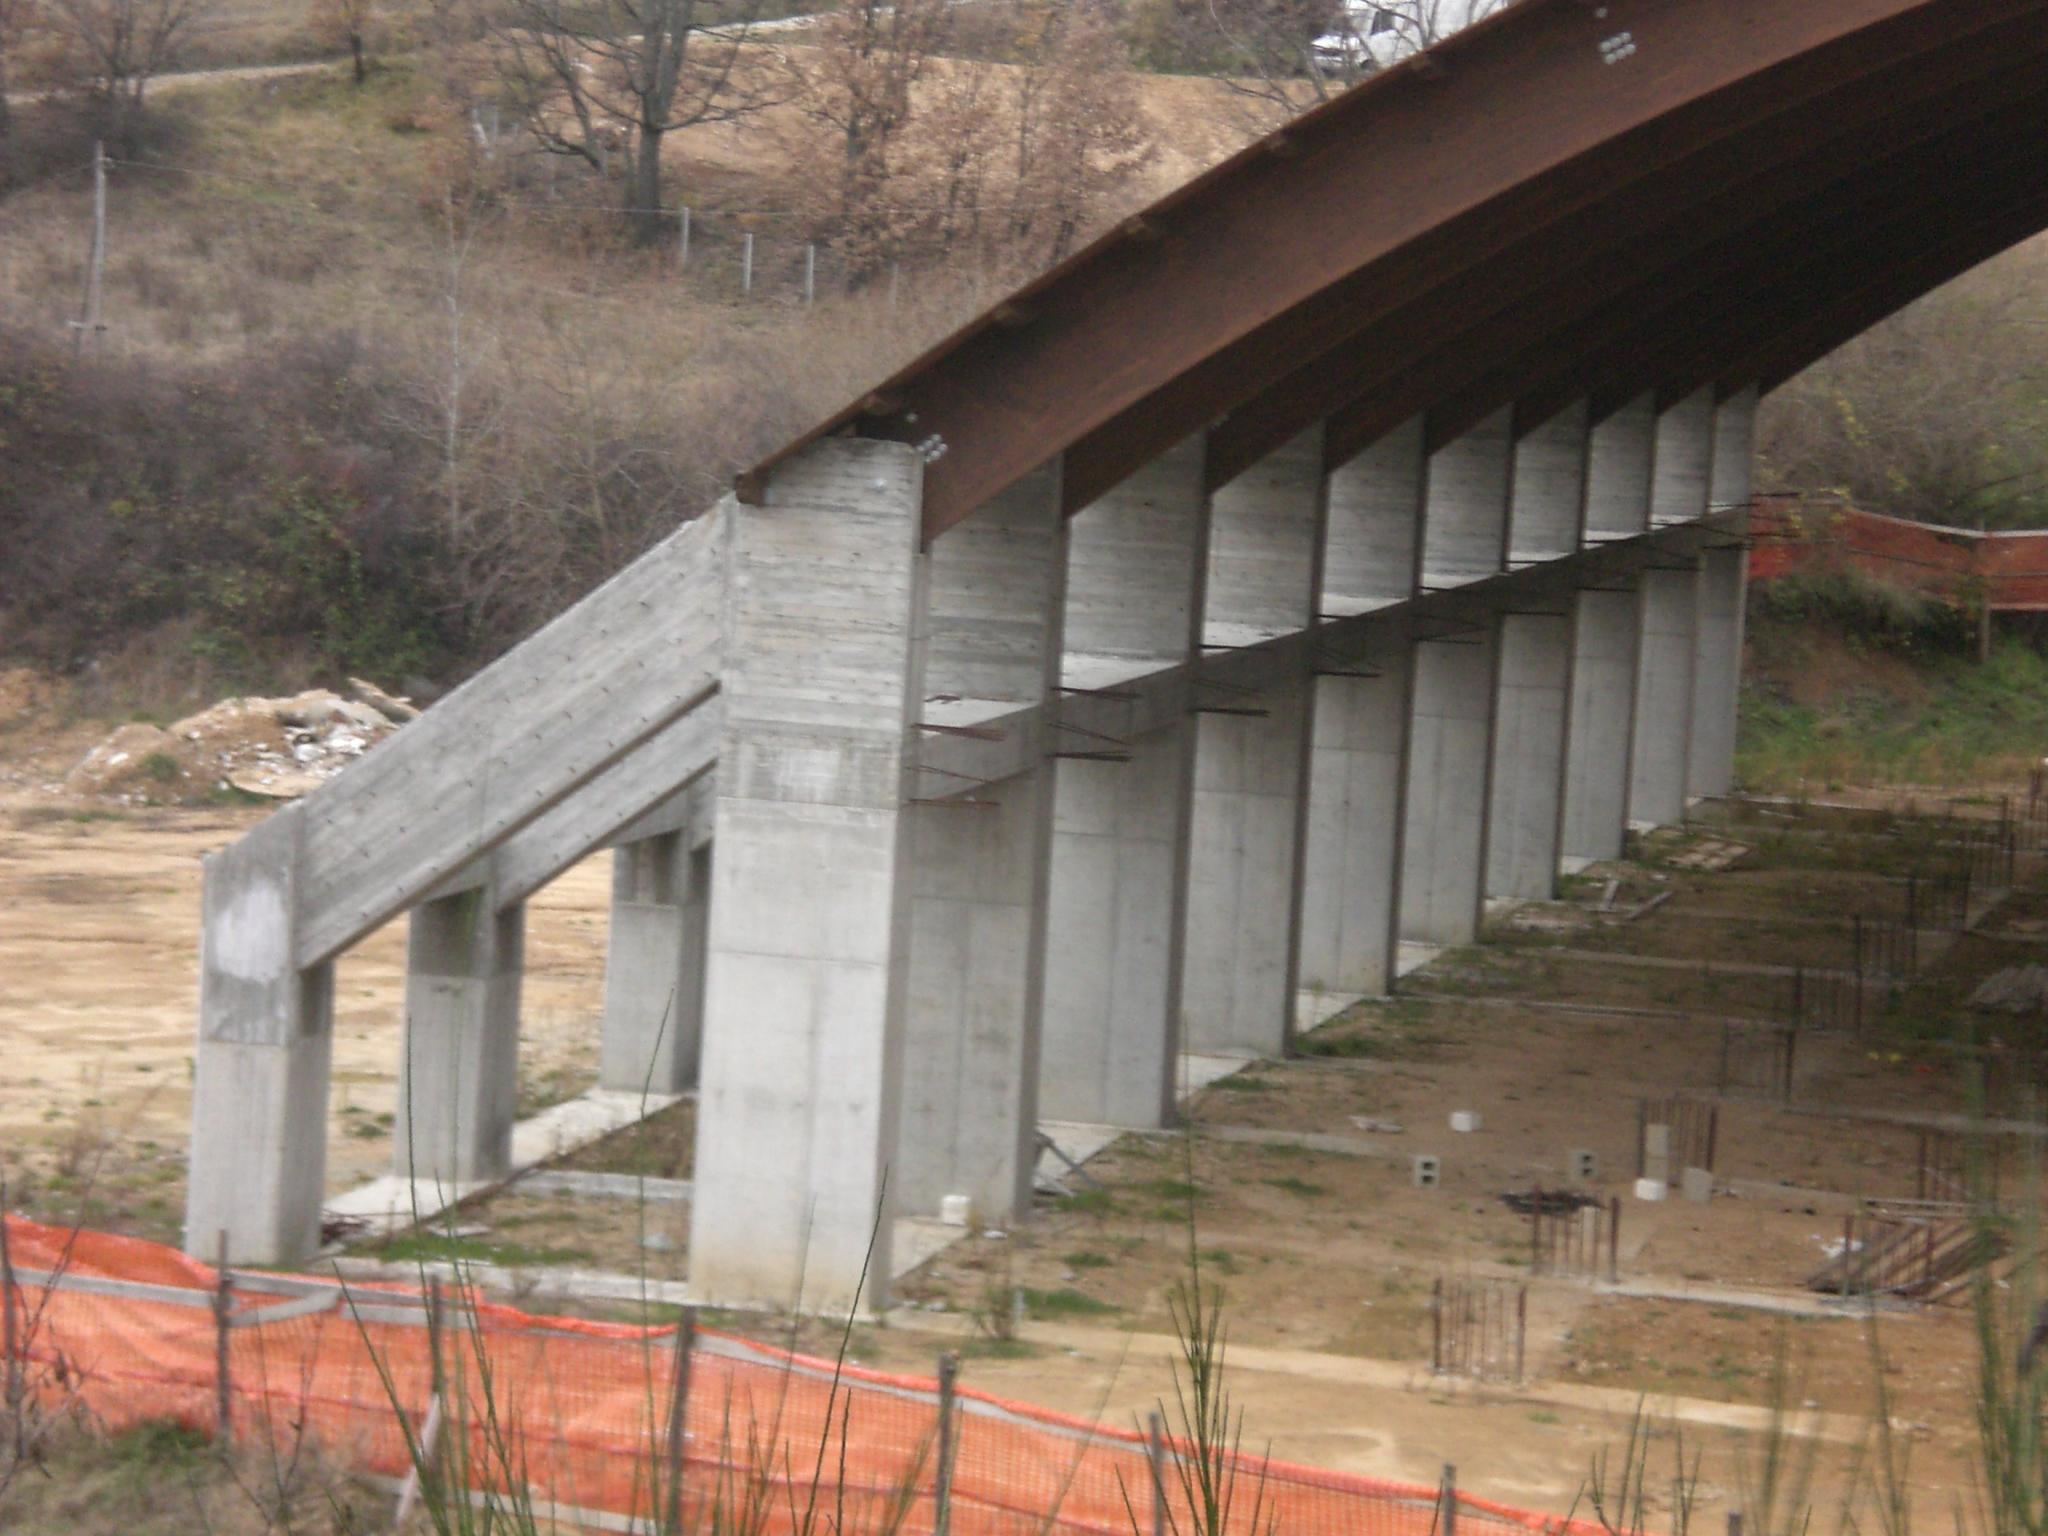 Dettaglio del progetto strutturale - fig.6